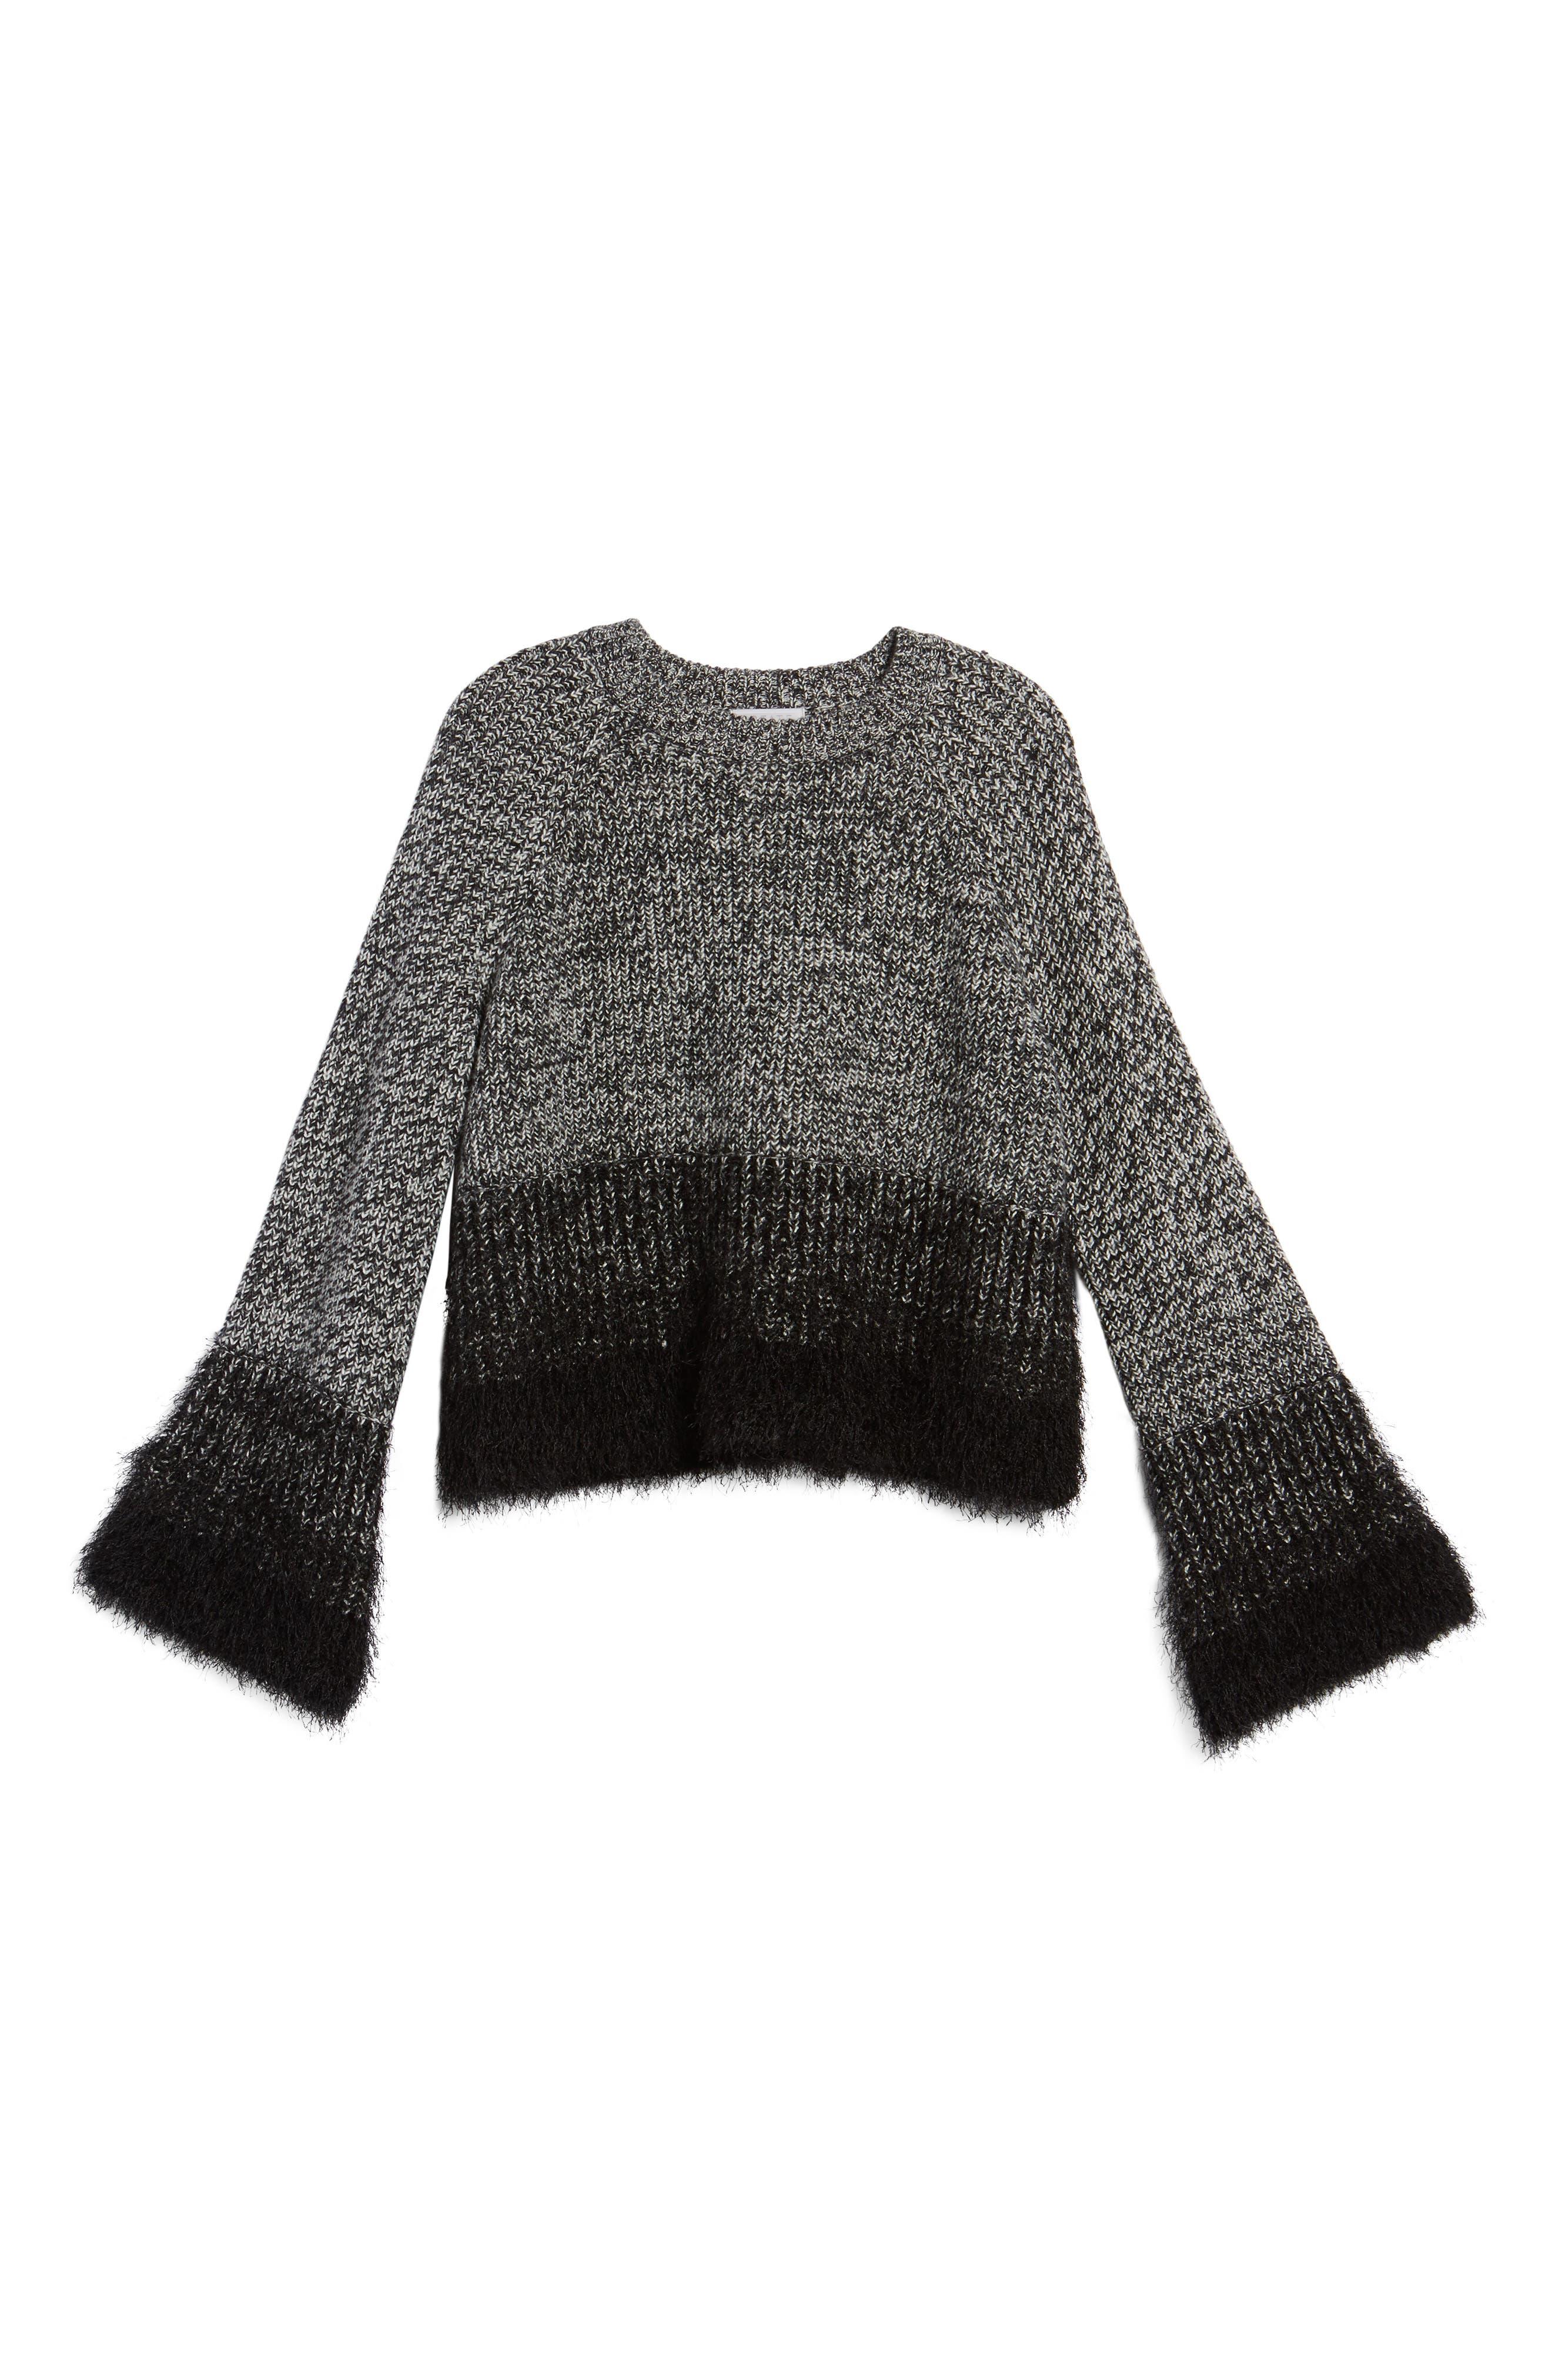 Eyelash Fringe Sweater,                             Alternate thumbnail 6, color,                             006